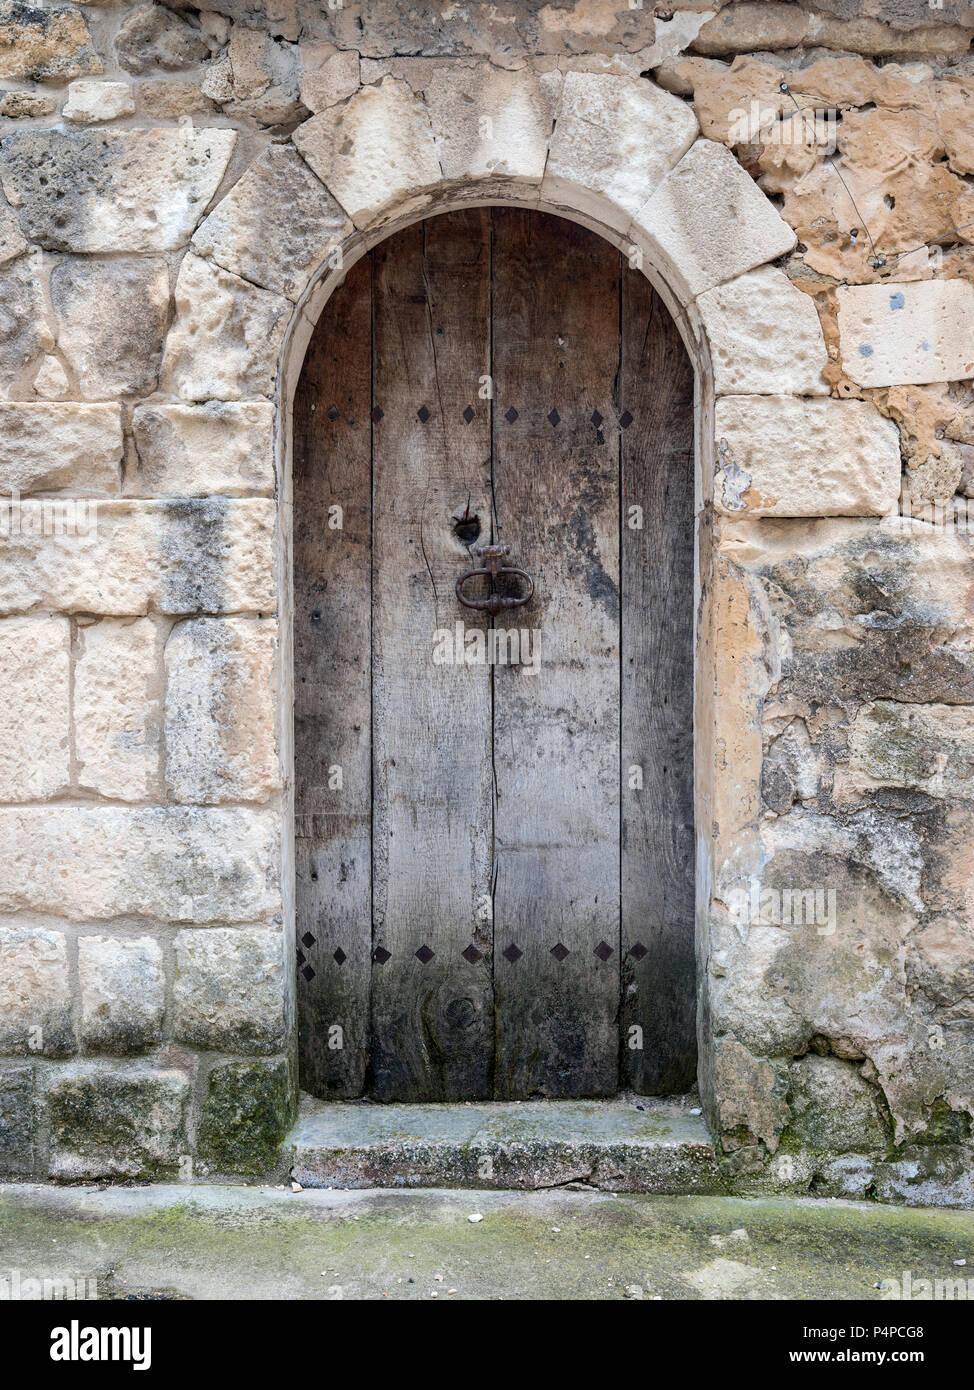 100 Fantastique Conseils Vieille Porte En Bois Ancienne